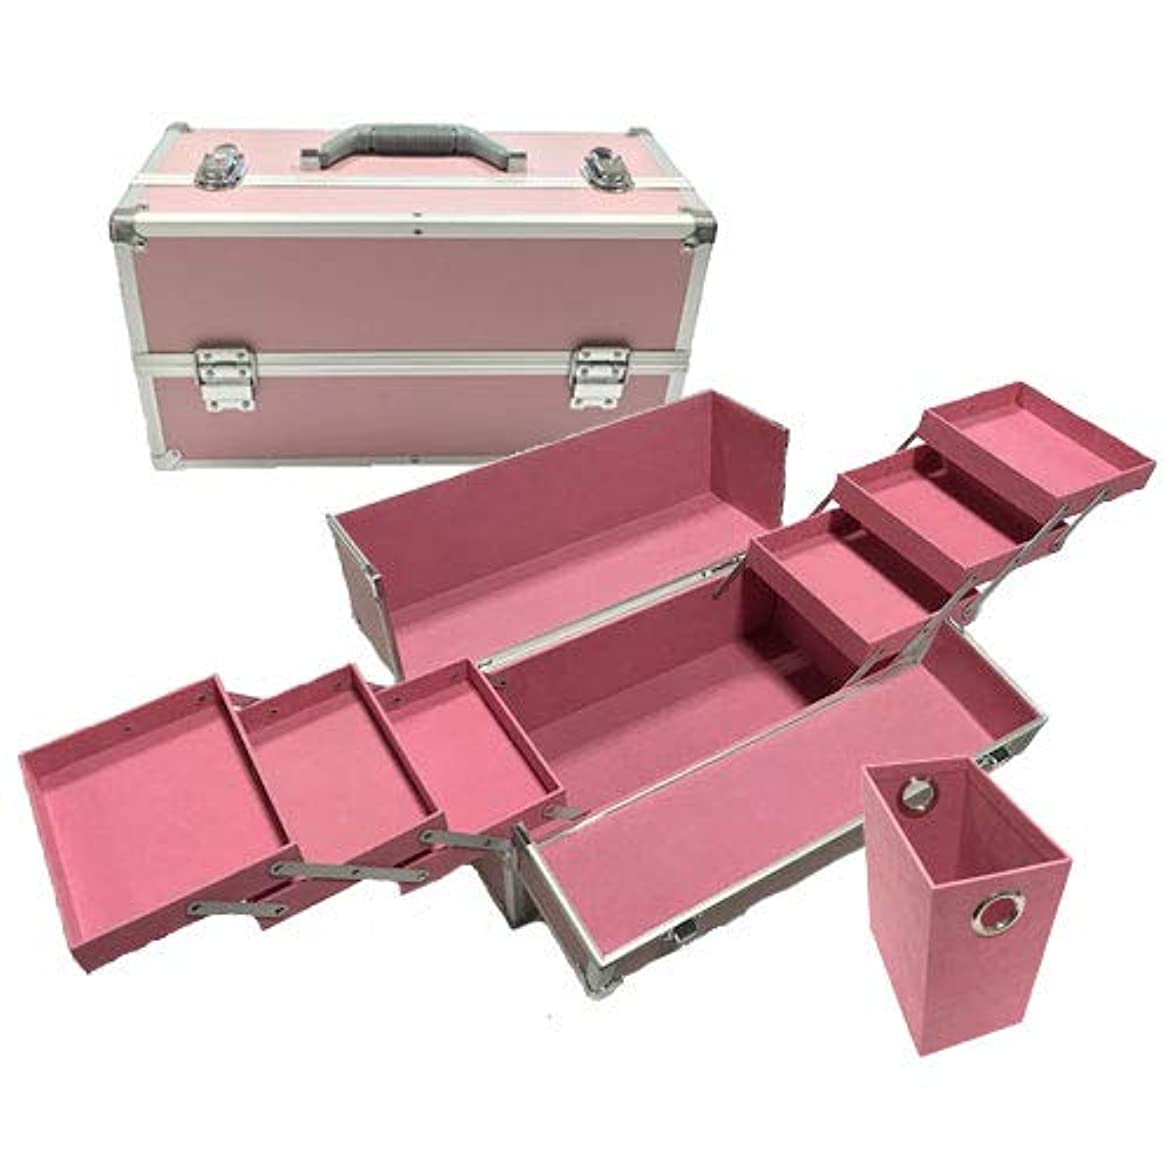 幸運な十分三角形リライアブル コスメボックス ワイド RB203-PP 鍵付き プロ仕様 メイクボックス 大容量 化粧品収納 小物入れ 6段トレー ベロア メイクケース コスメBOX 持ち運び ネイルケース